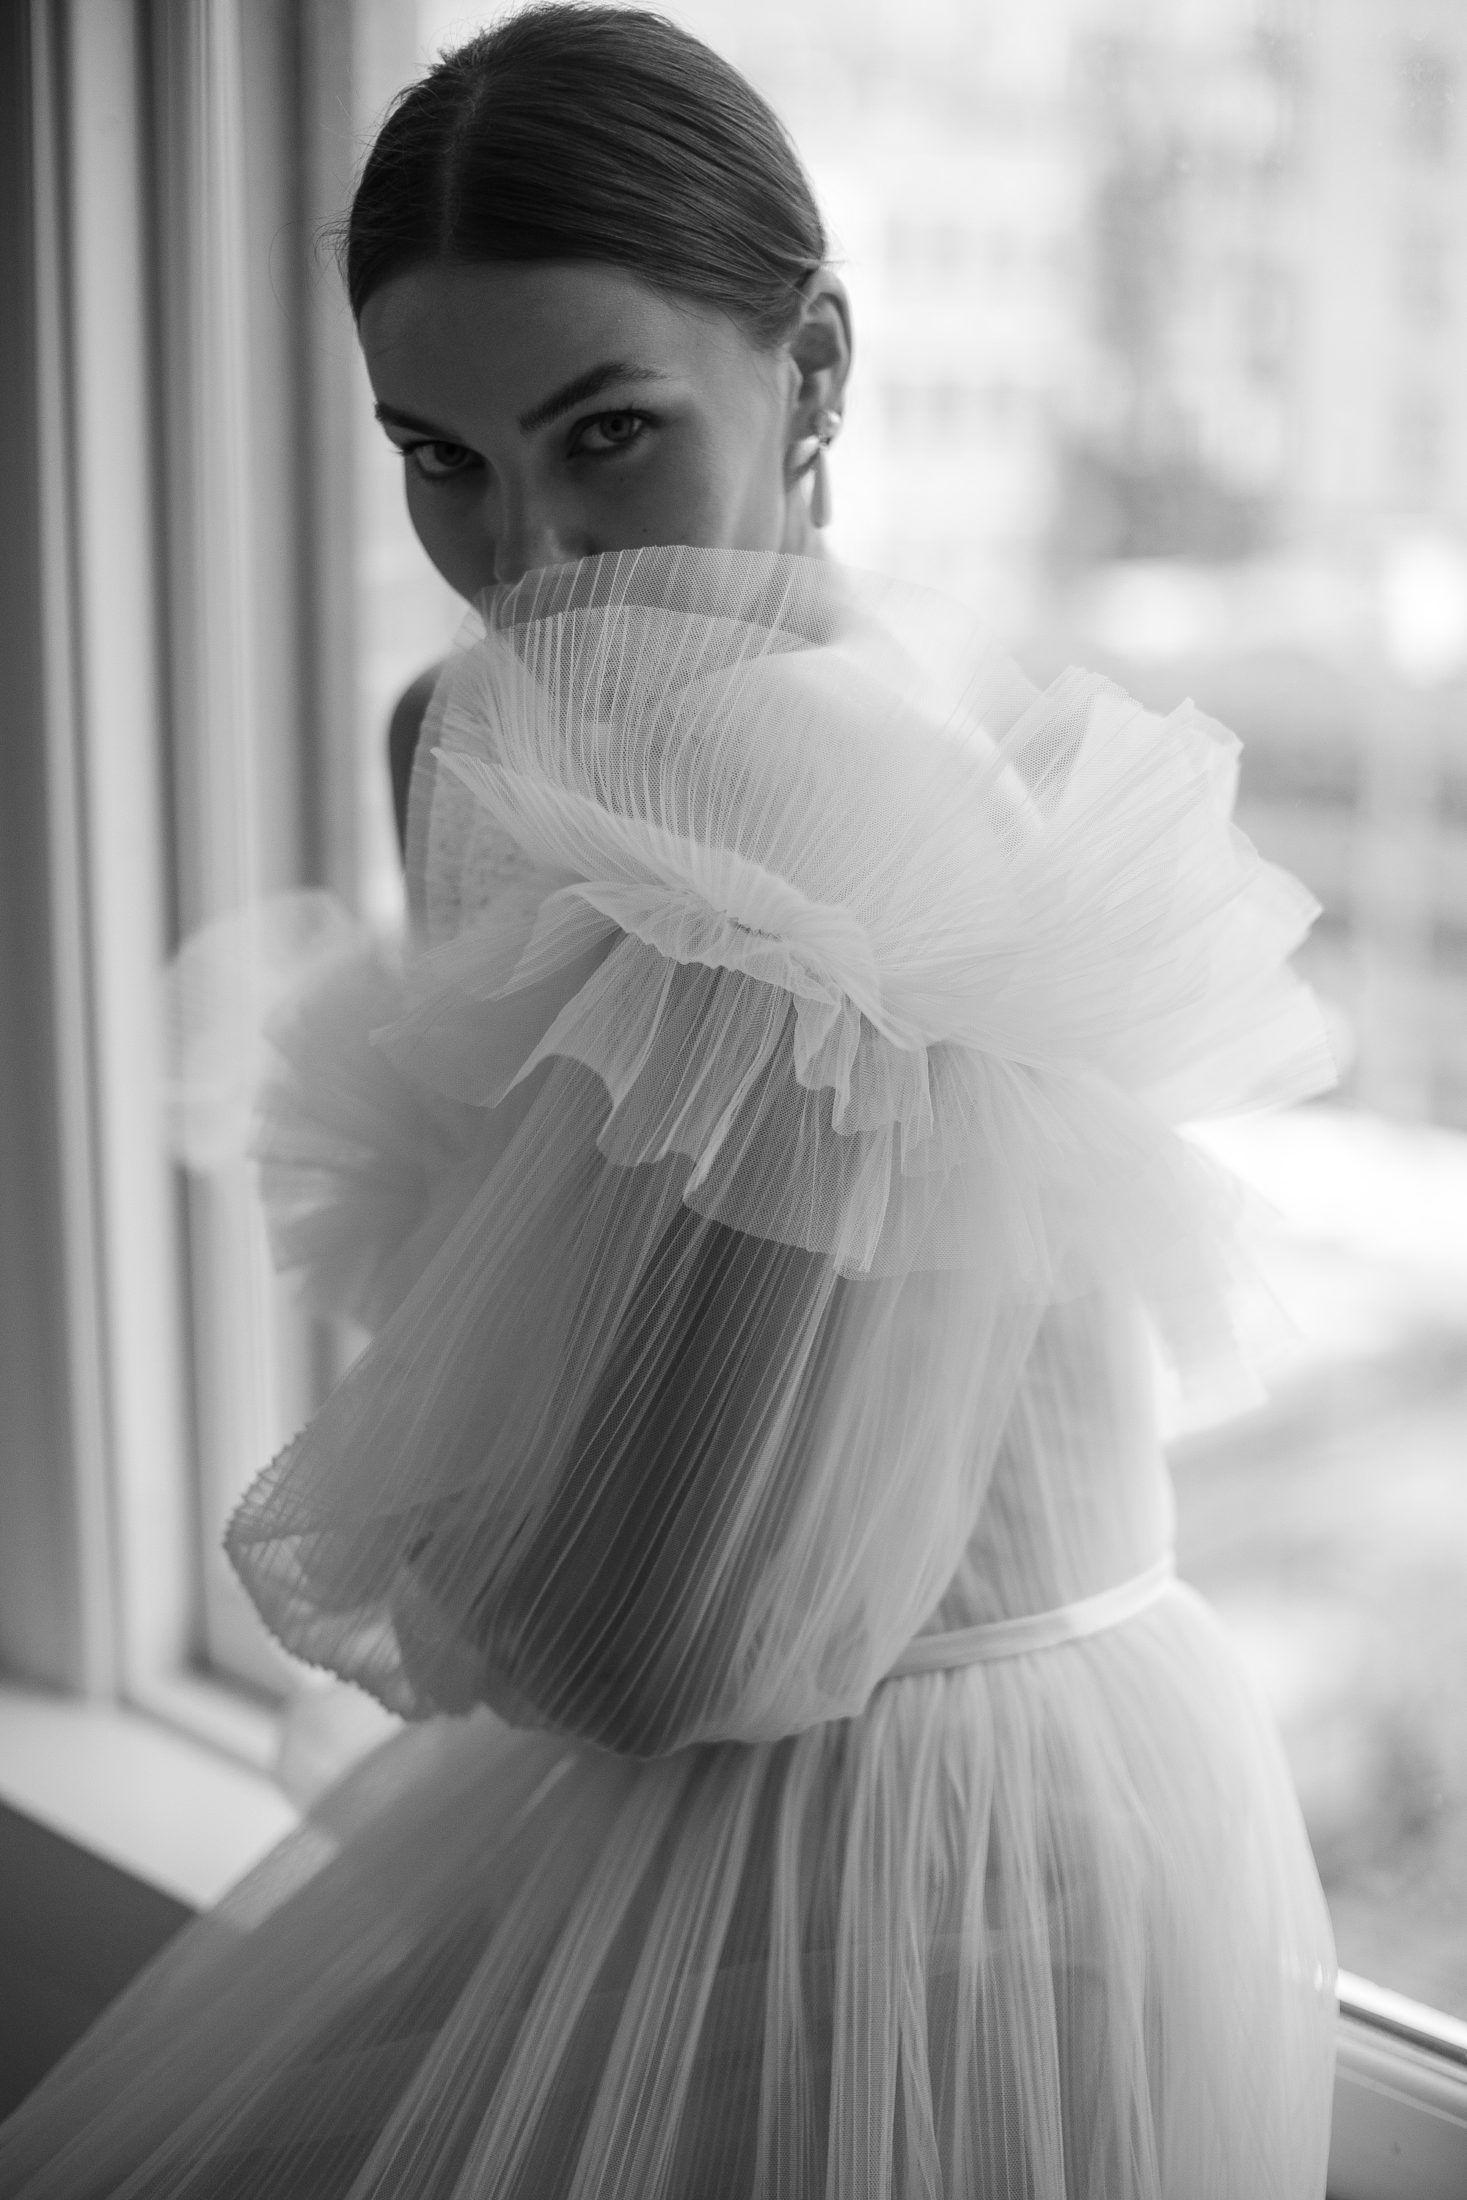 Hochzeitskleid mit Volants und Plissee  #heiraten #hochzeit #hochzeitskleid #brautkleid #bridalportraitposes